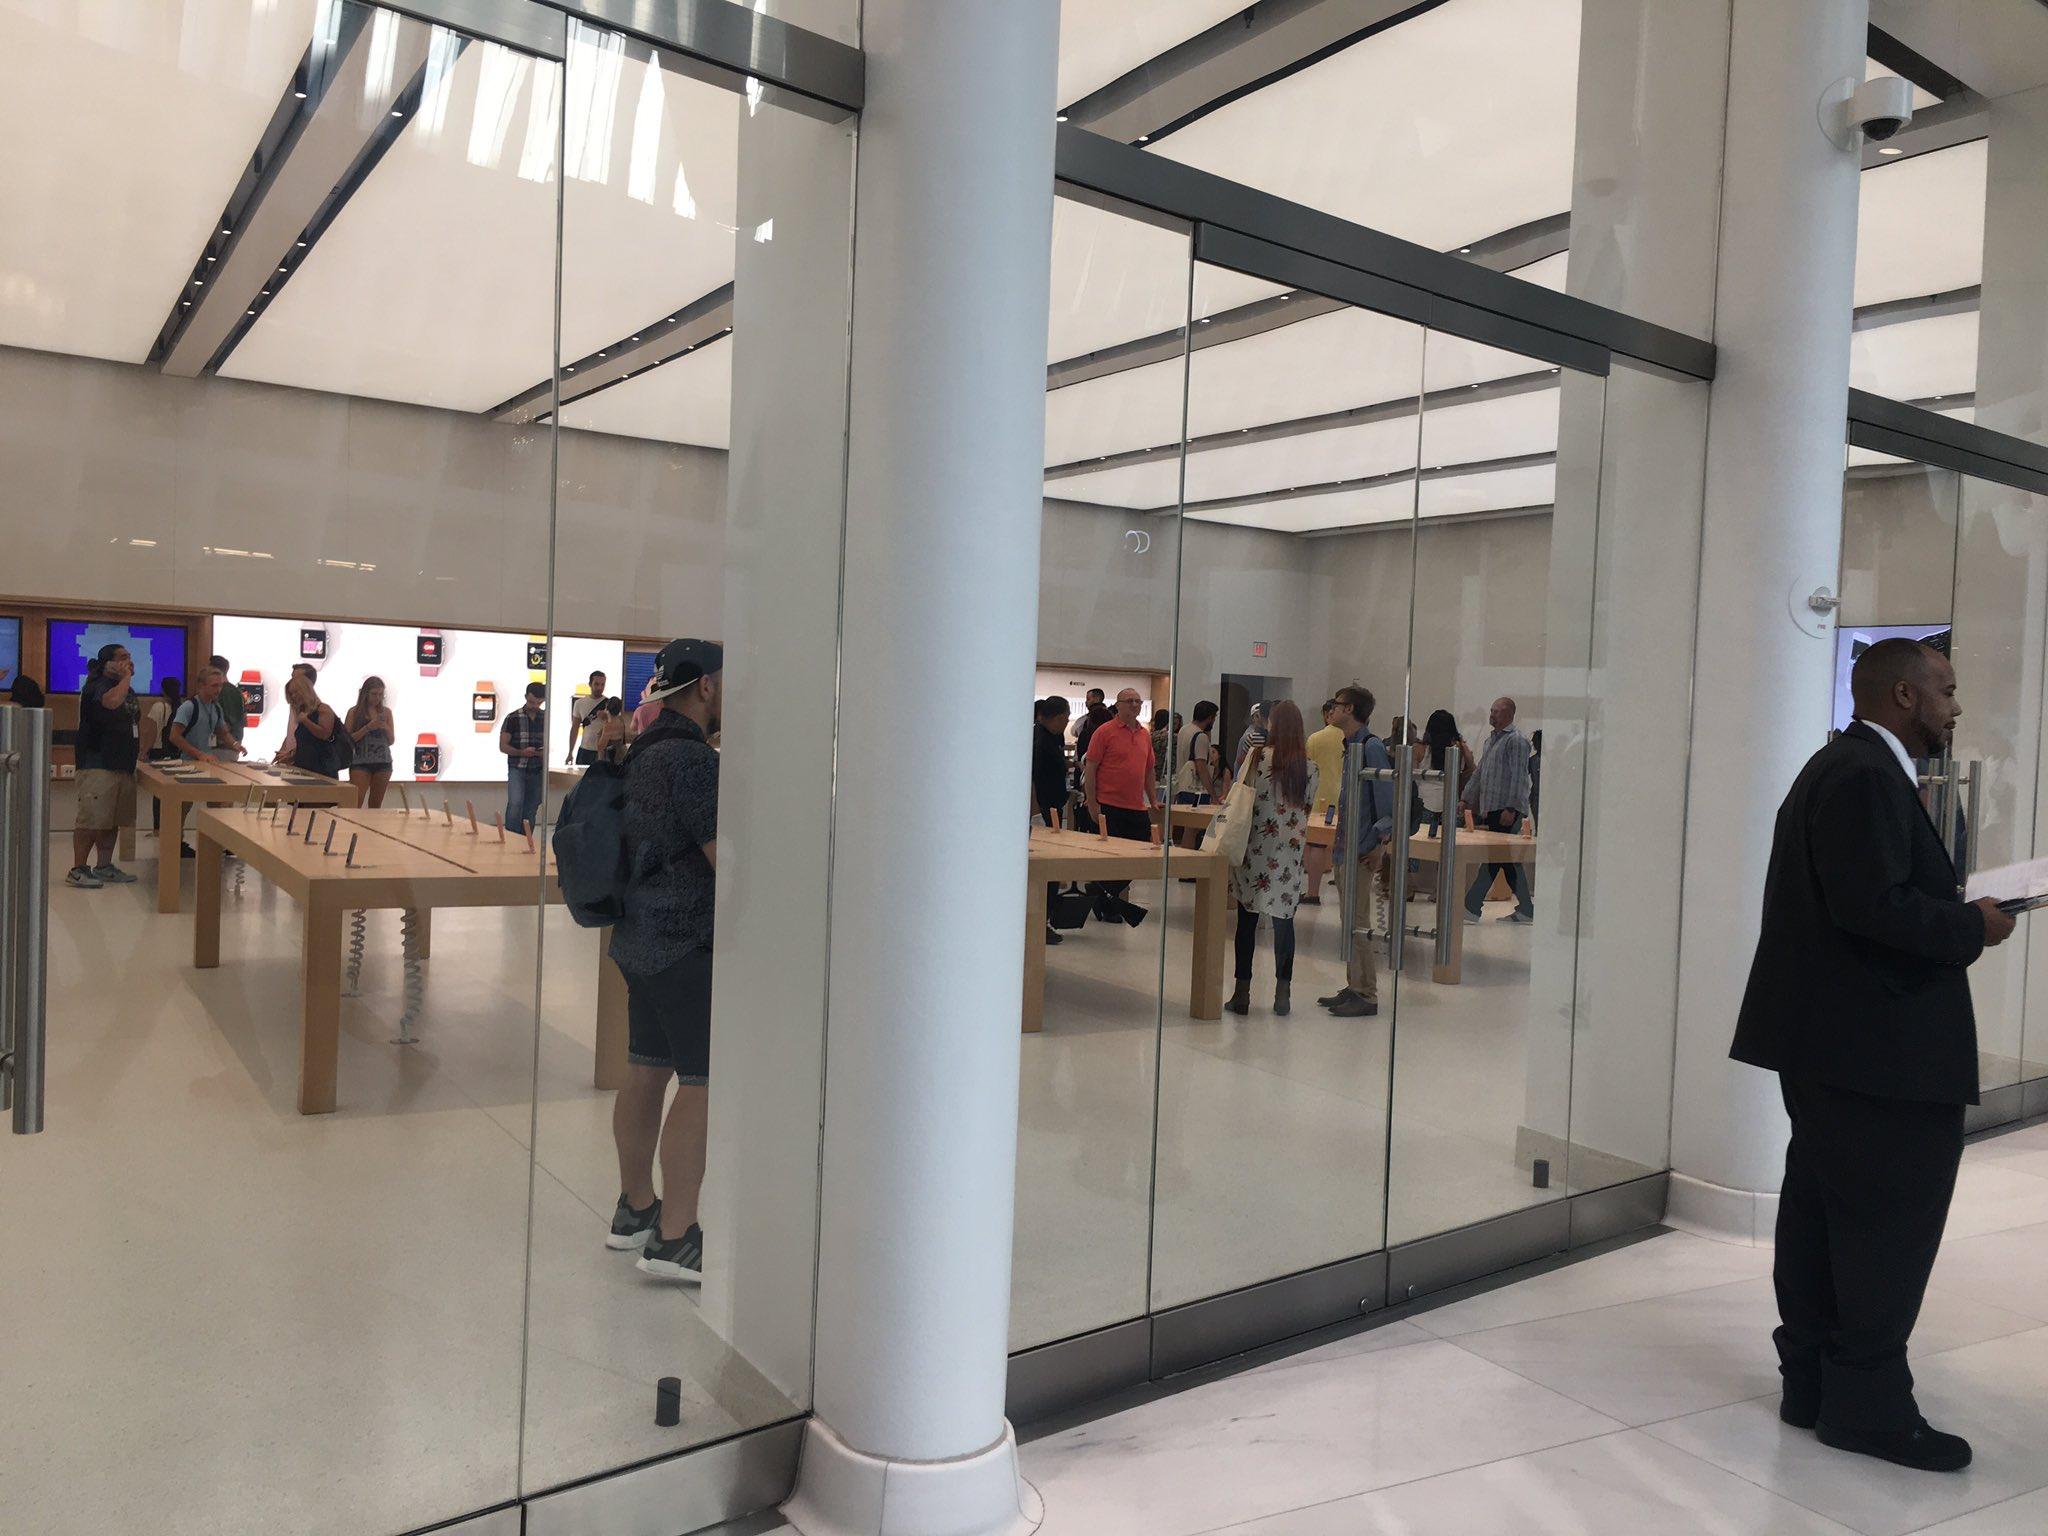 imagini apple store world trade center 2